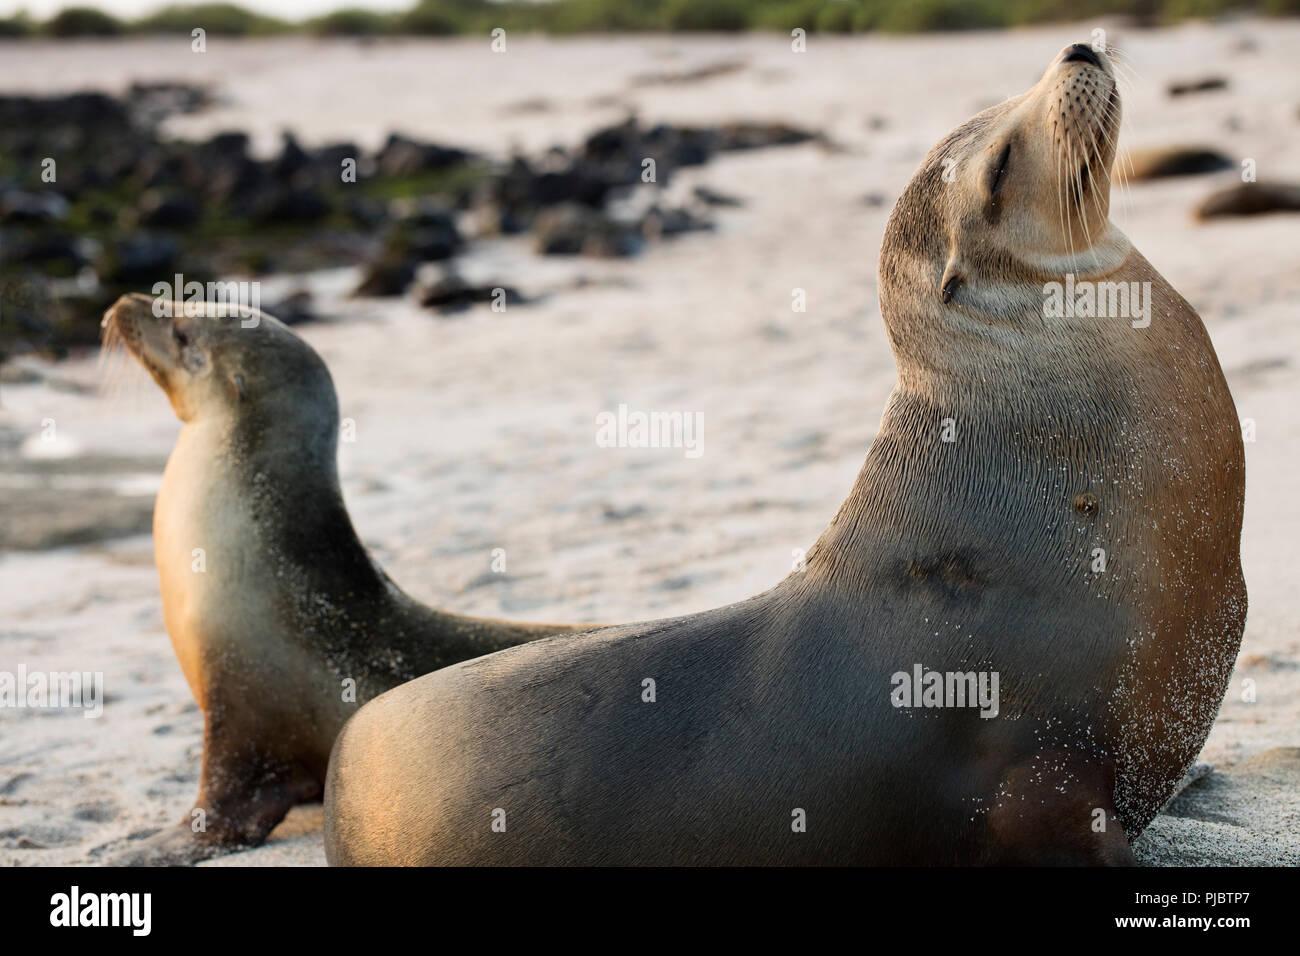 Mit Blick auf den gegenüberliegenden Seiten. Ein Paar von Galapagos Seelöwen am Strand in San Cristobal, Galapagos, Ecuador Stockbild